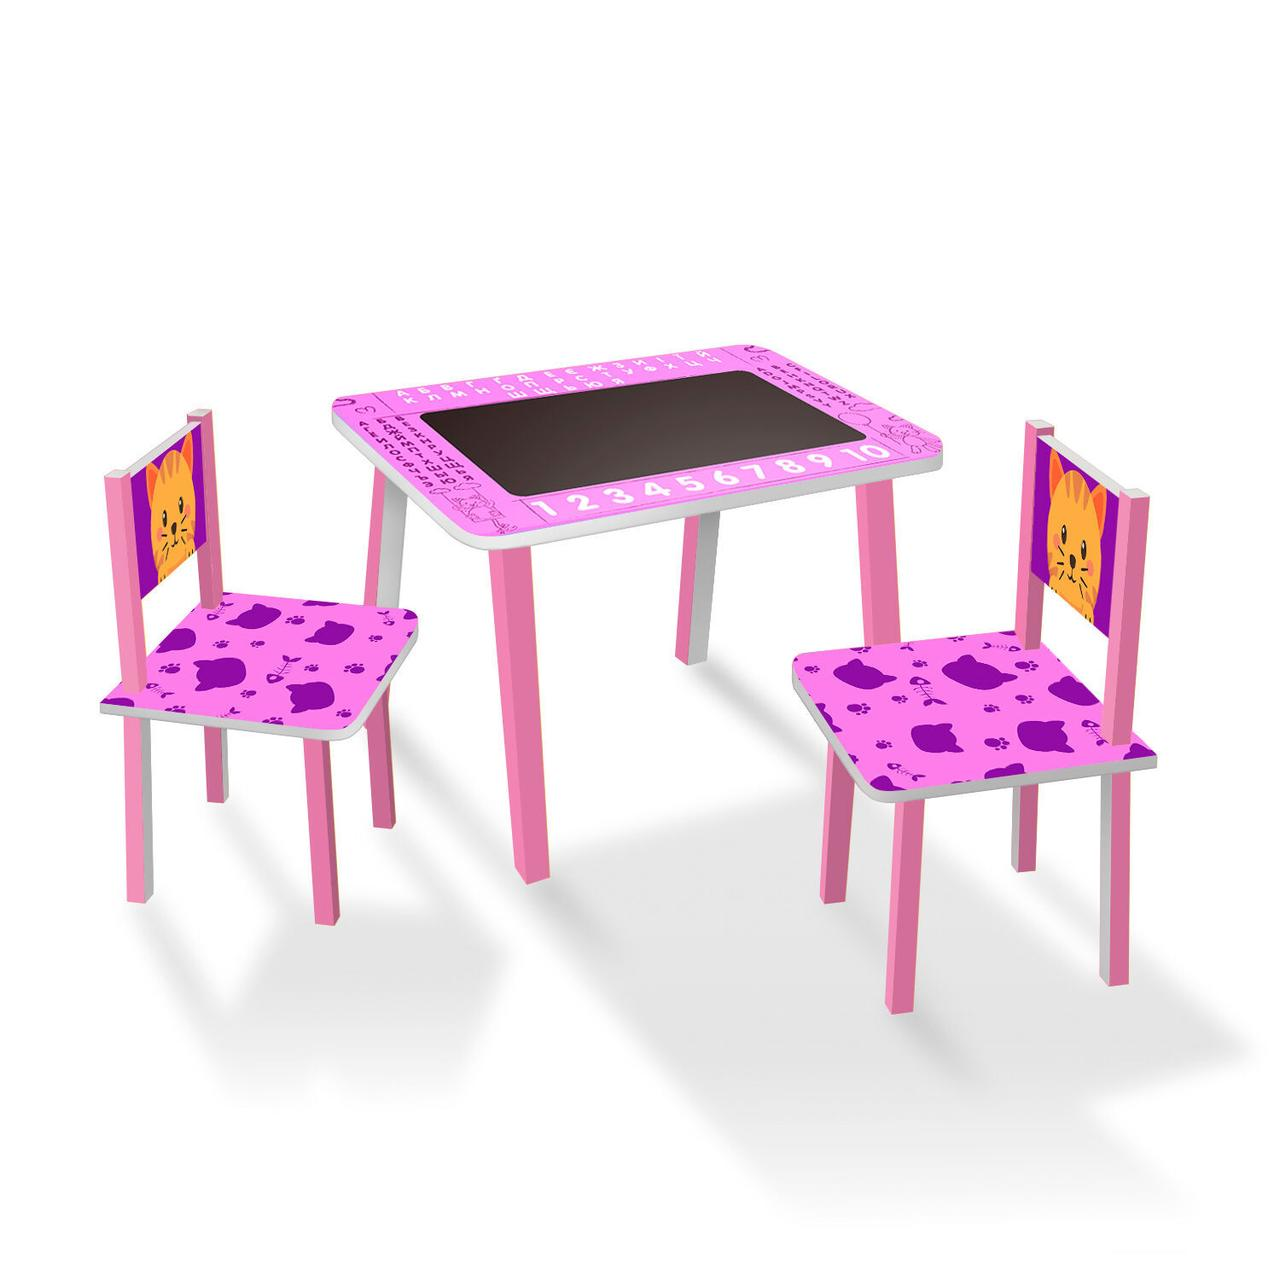 Набір дитячих меблів (столик з крейдяної поверхнею + 2 стільчика) арт. C065